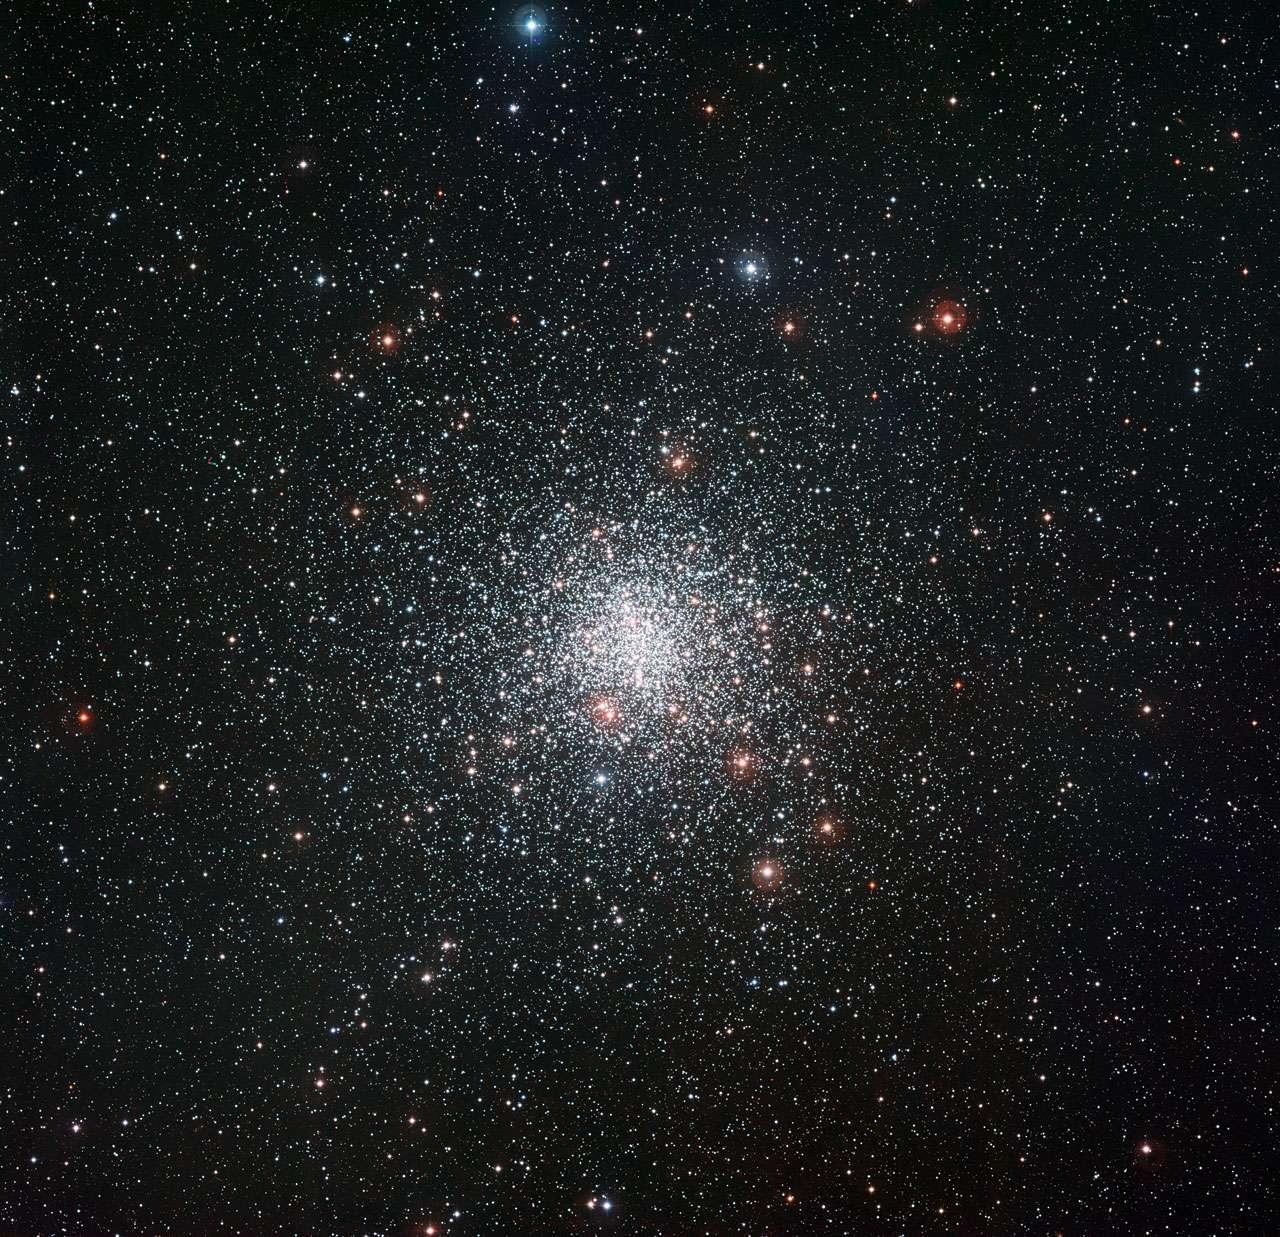 Cette image prise avec la caméra WFI sur le télescope MPG/ESO de 2,2 mètres à l'Observatoire de La Silla de l'ESO montre le spectaculaire amas globulaire Messier 4. Cette grosse boule d'étoiles vieilles est l'un de ces systèmes stellaires les plus proches de la Terre. Elle se trouve dans la constellation du Scorpion à proximité de la lumineuse étoile rouge Antarès. © ESO